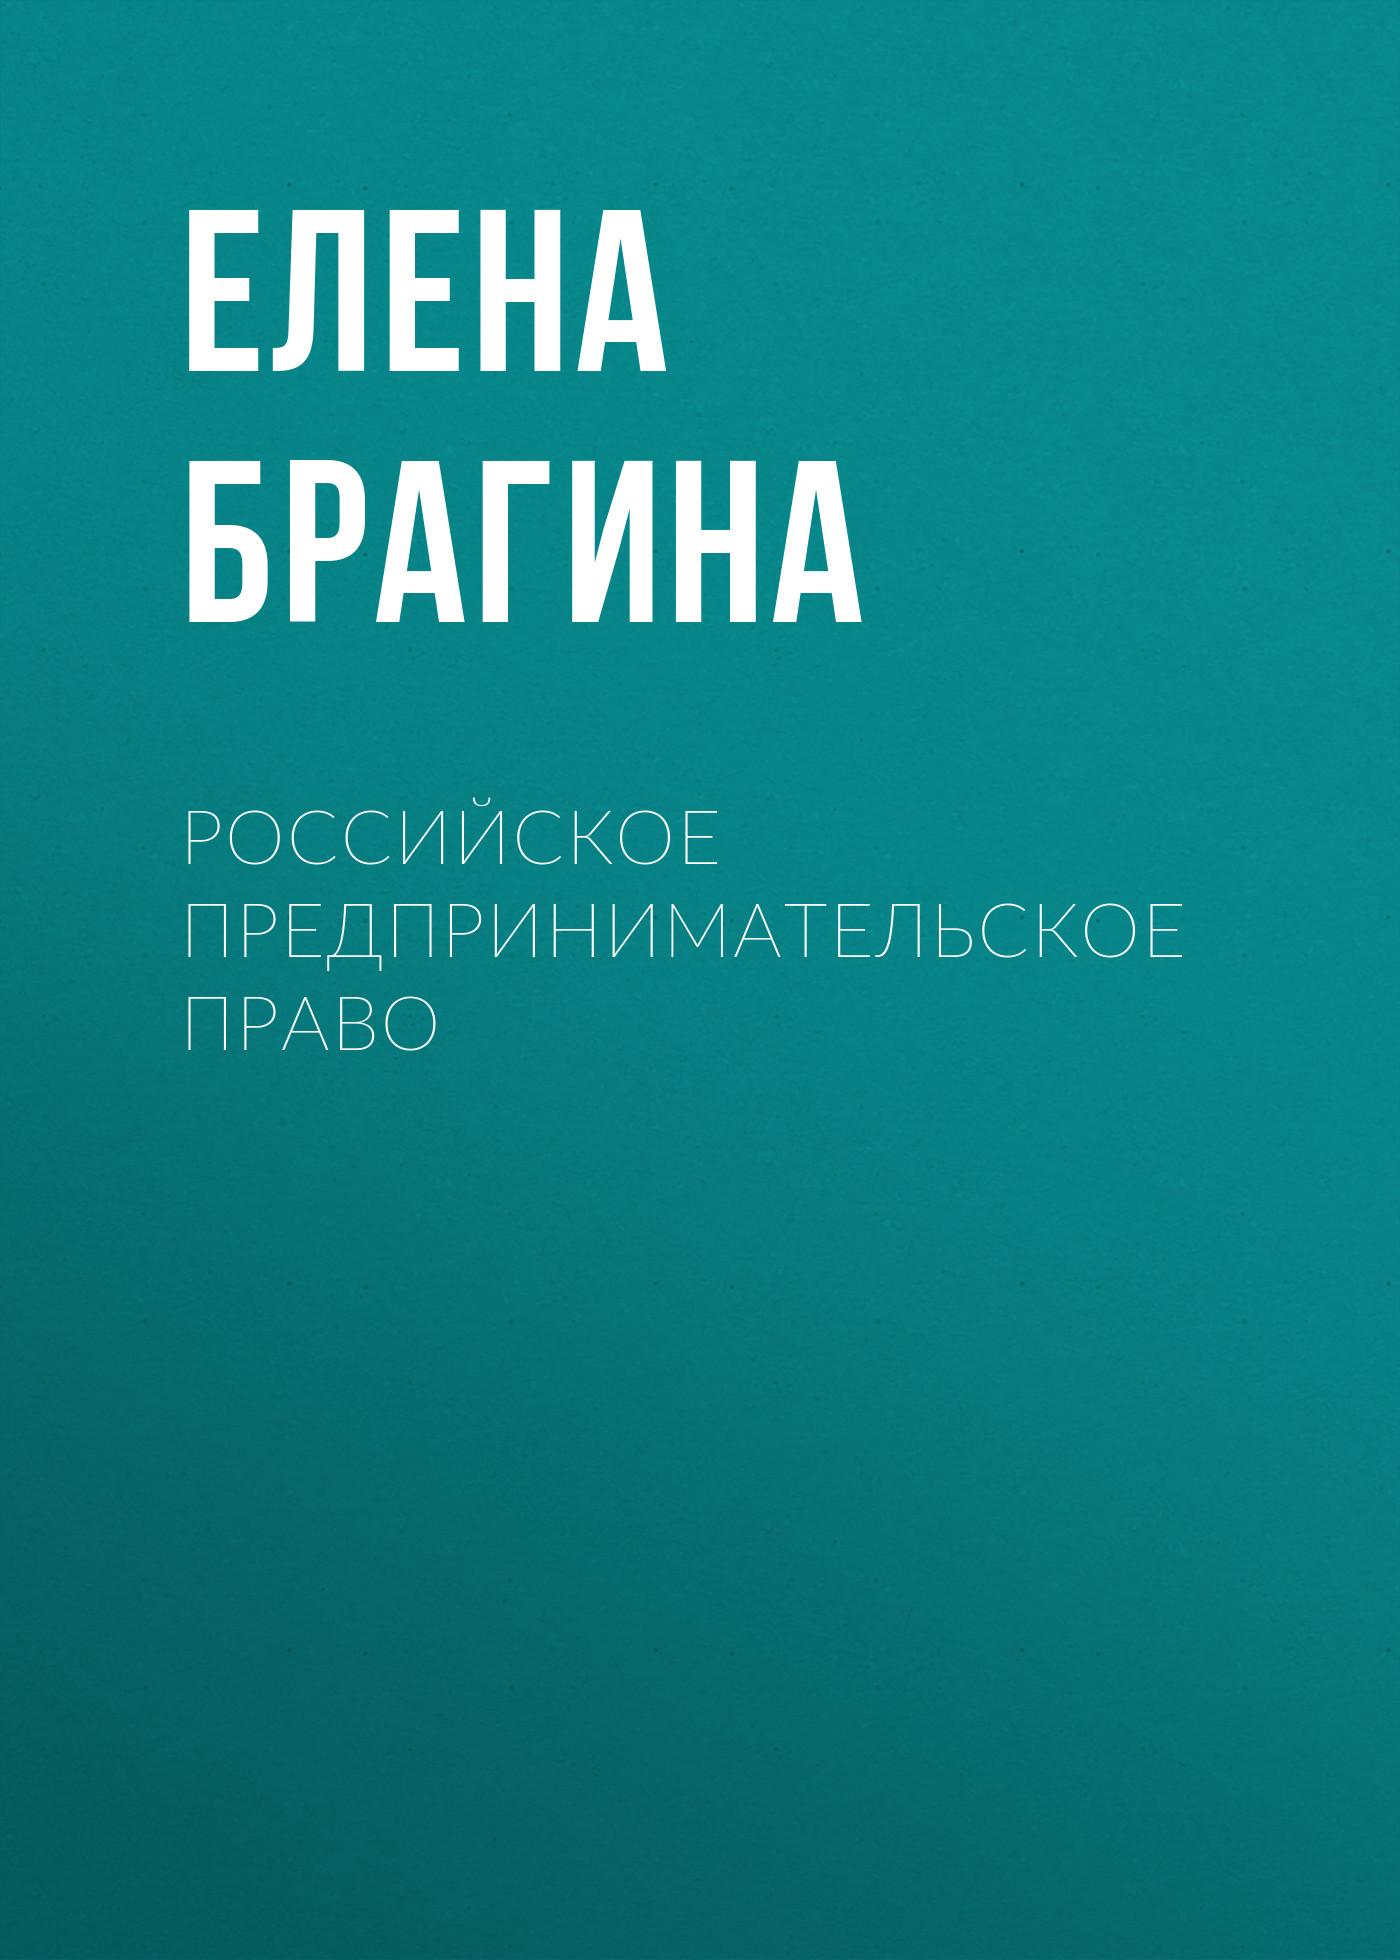 Елена Брагина Российское предпринимательское право цена